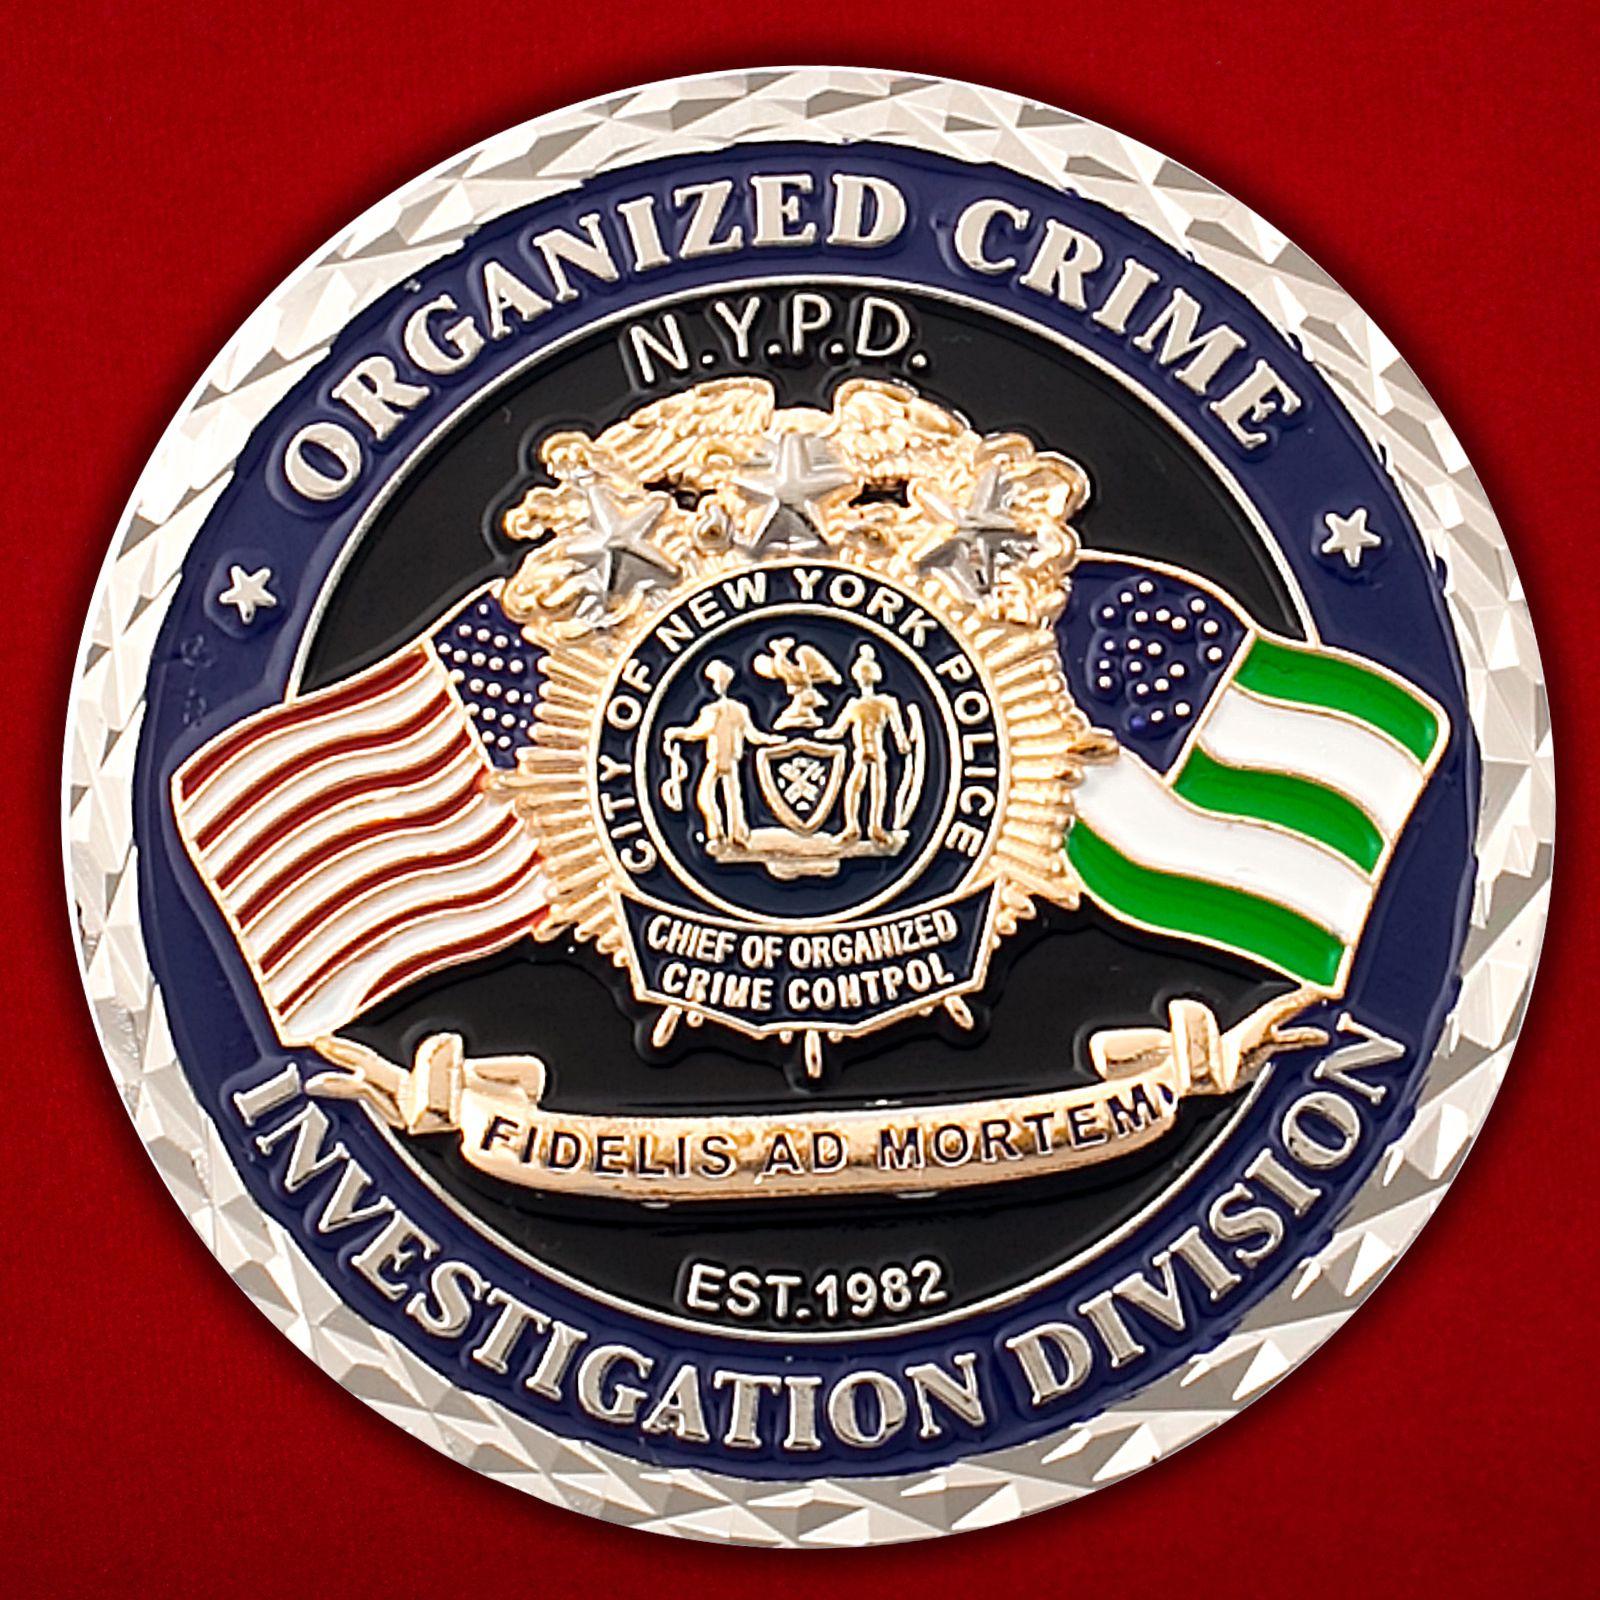 Челлендж коин Бюро по борьбе с организованной преступностью полиции Нью-Йорка